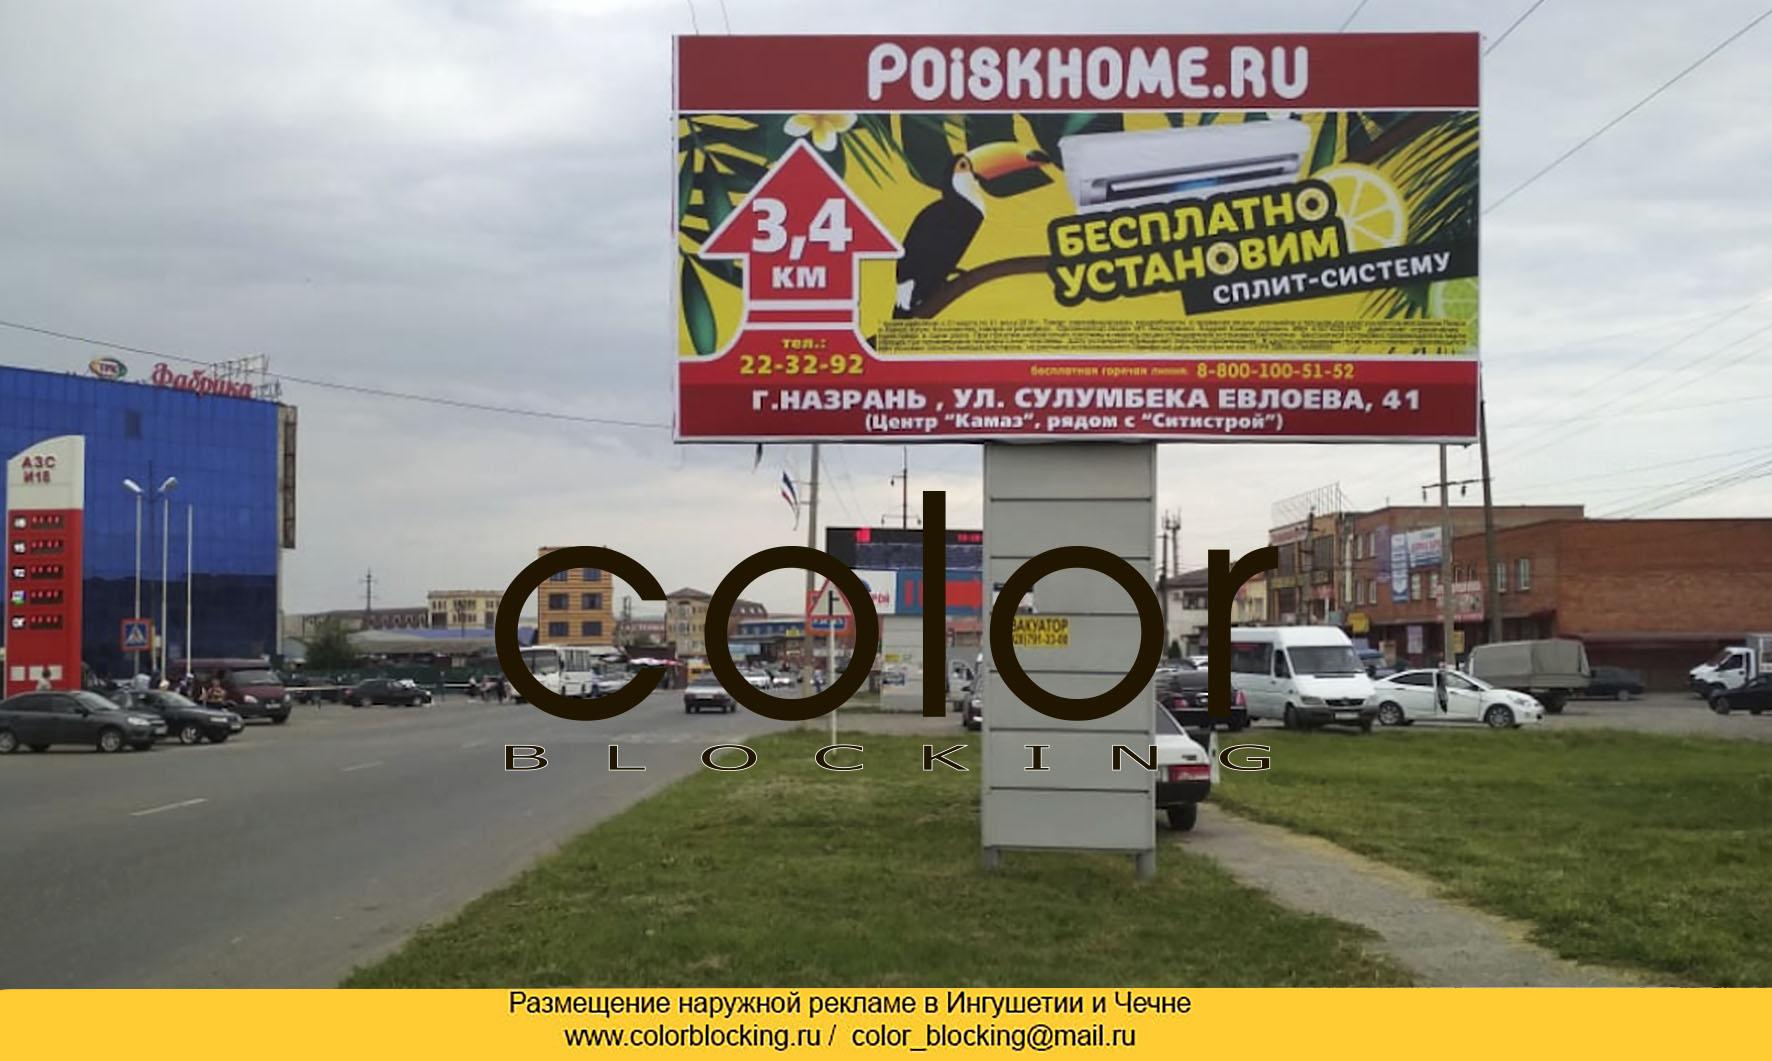 Рекламные услуги в Грозном Ингушетия